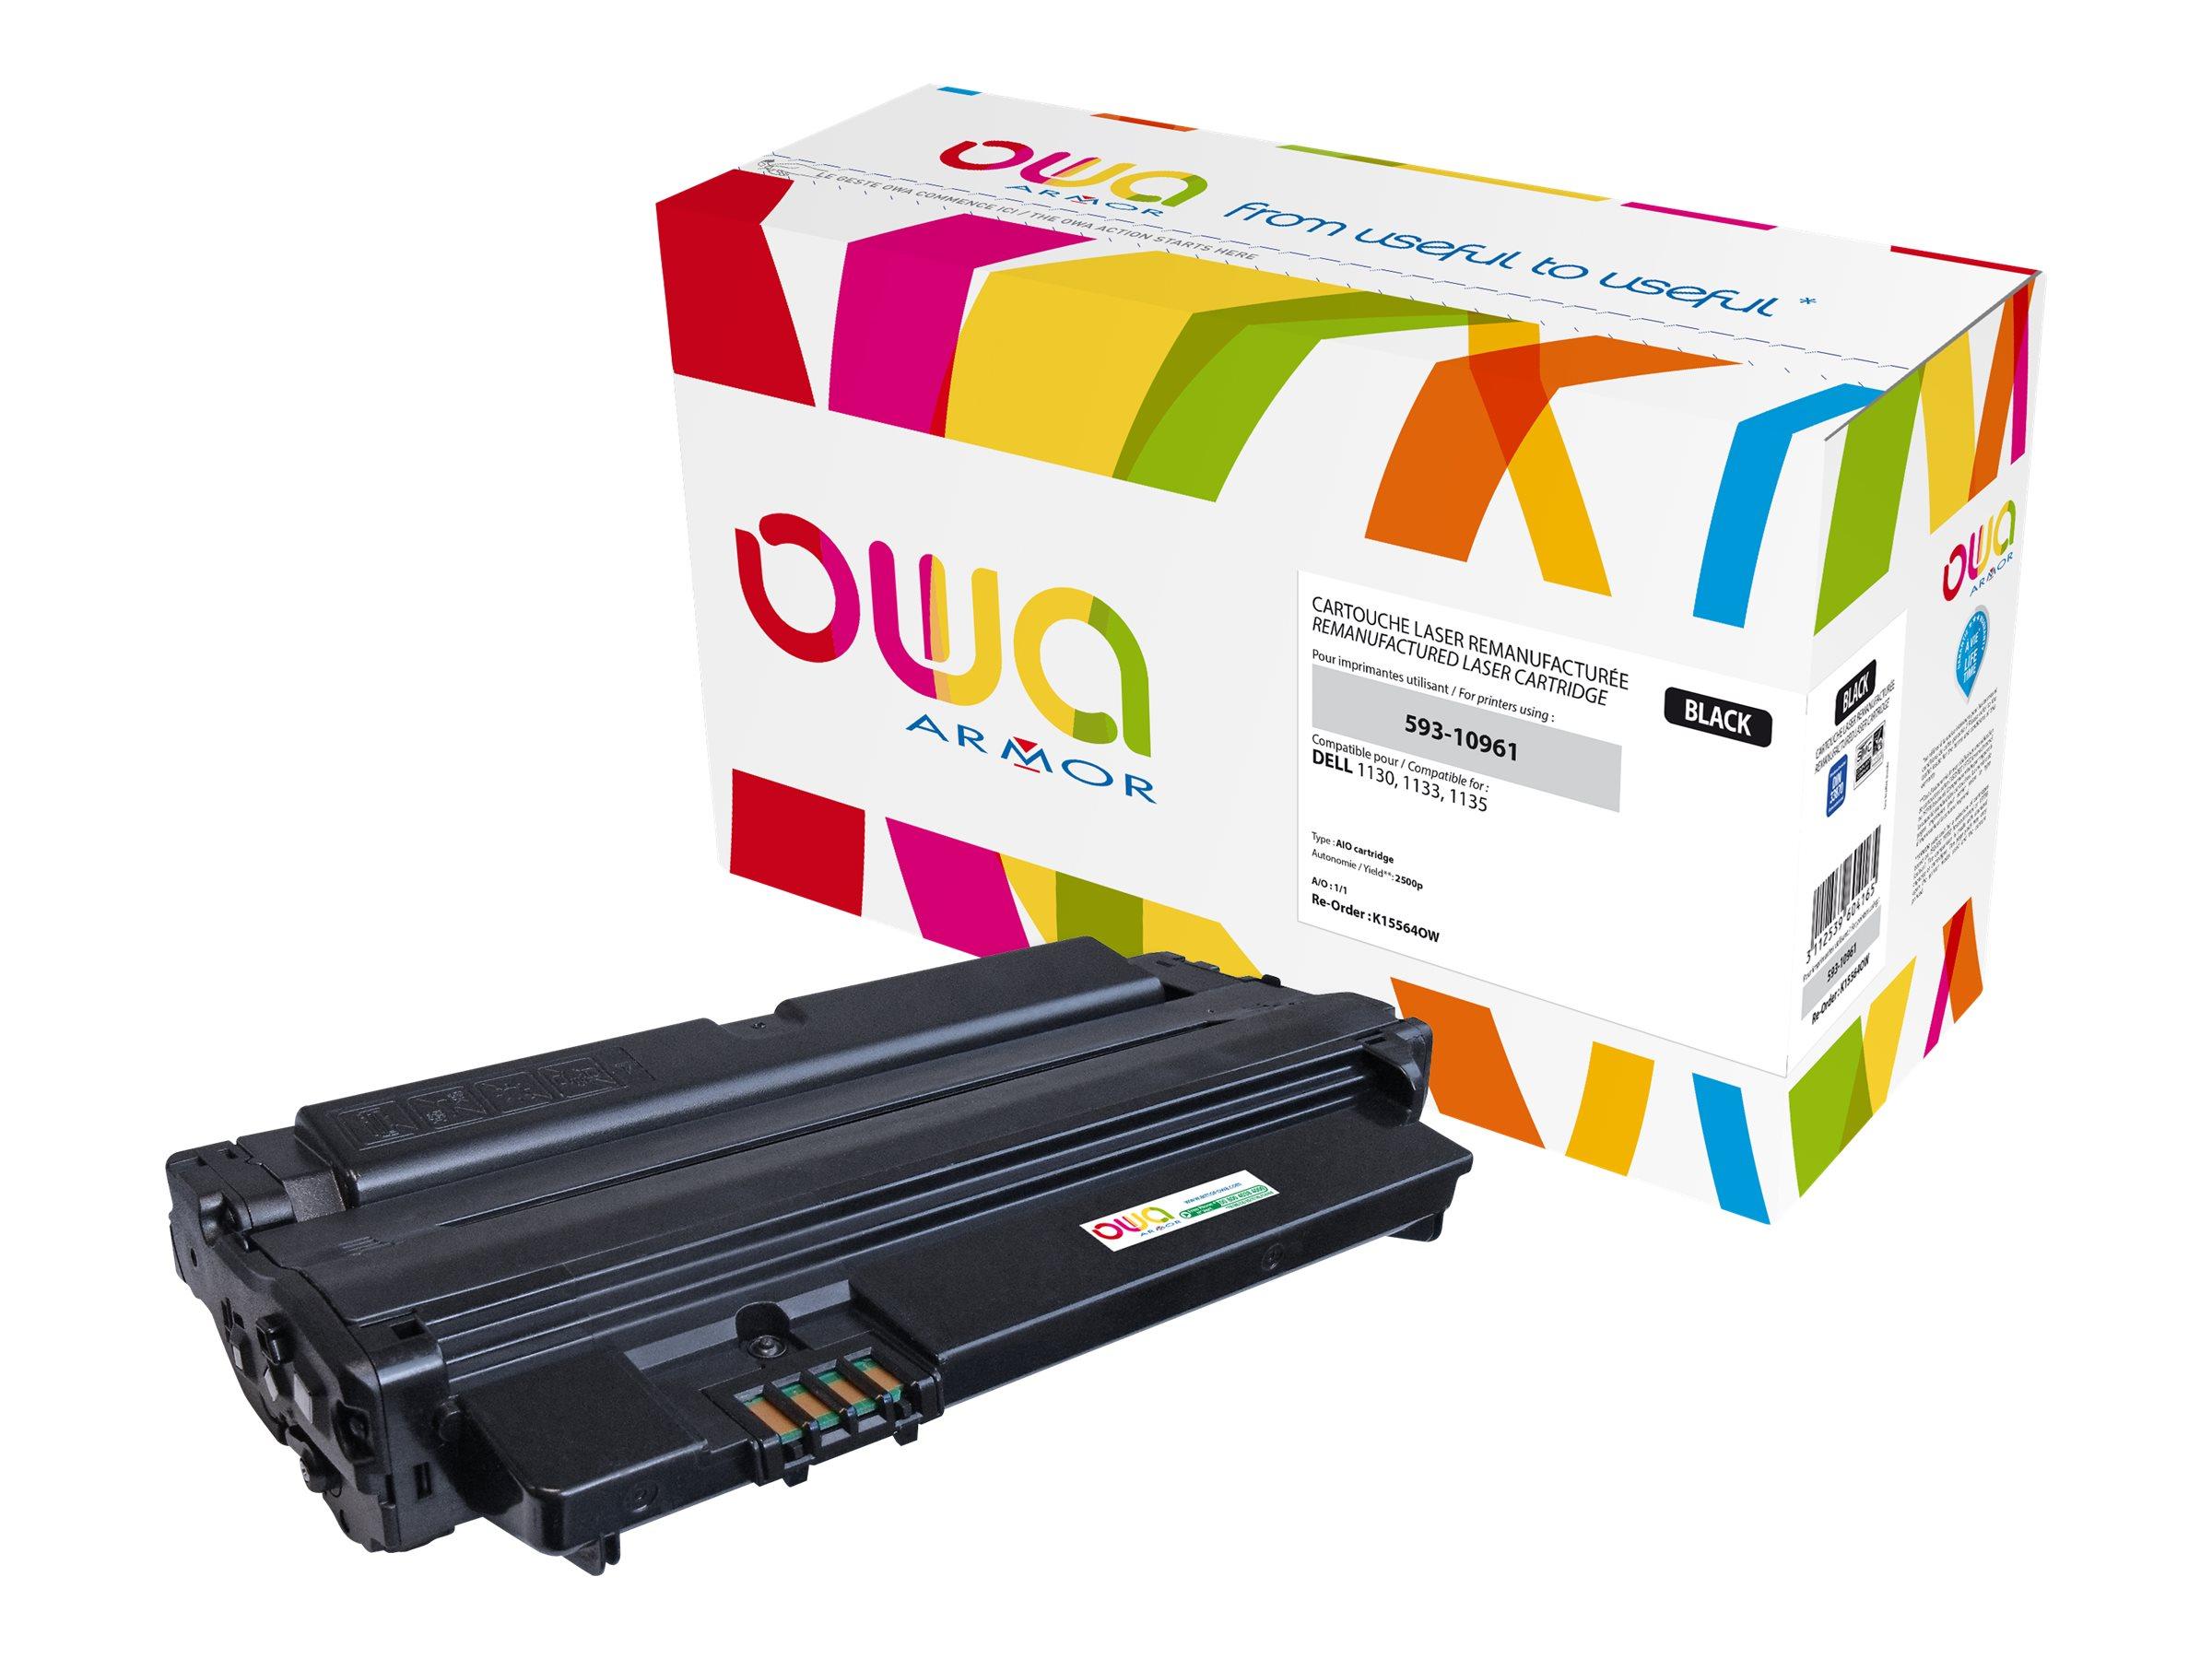 Dell 593-10961 - remanufacturé Owa K15564OW - noir - cartouche laser